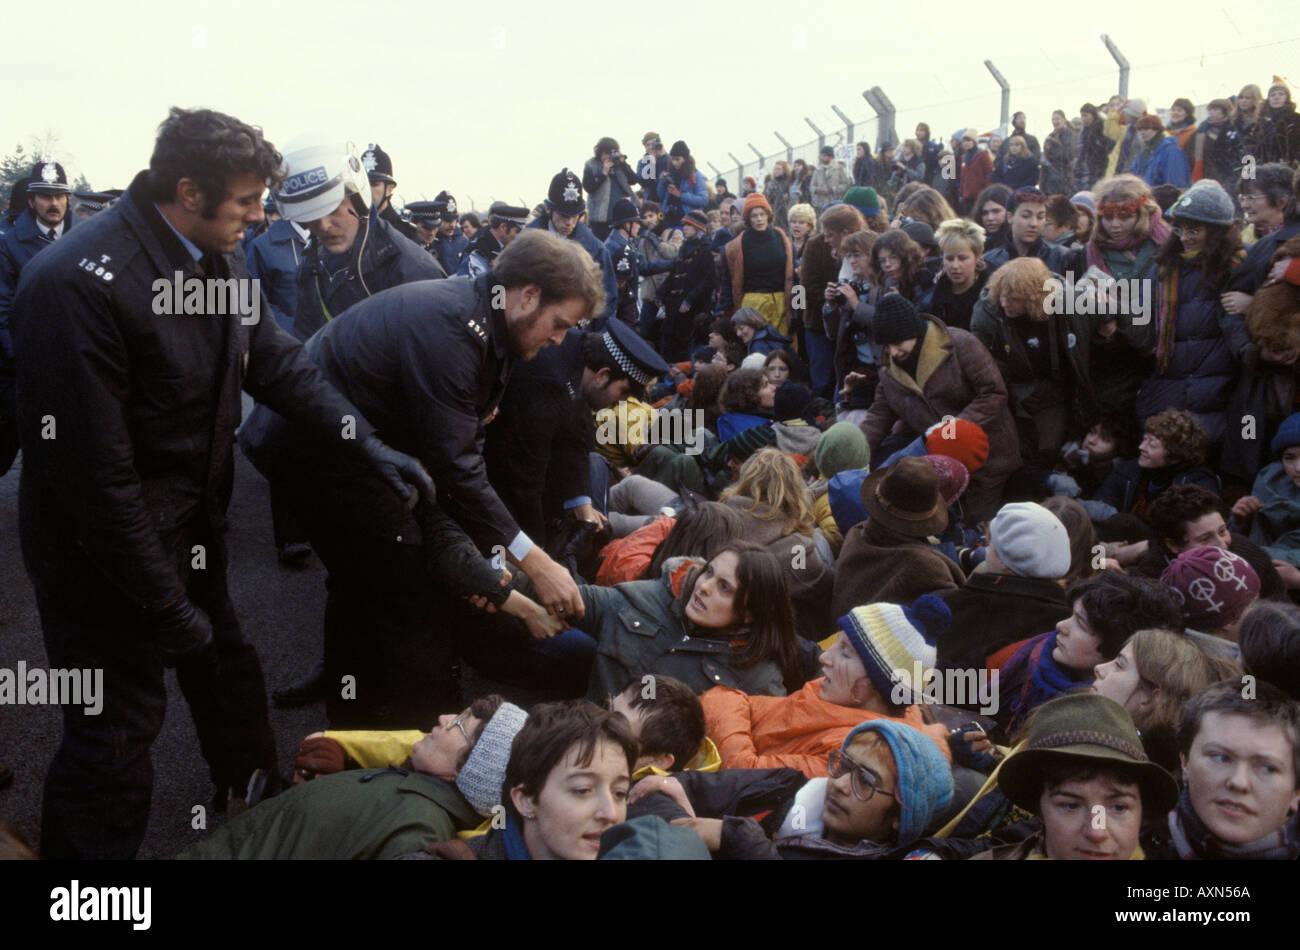 La polizia arresta la pace dimostranti presso nucleare missile di crociera base aerea Greenham Common Berkshire Inghilterra 1983 HOMER SYKES Immagini Stock